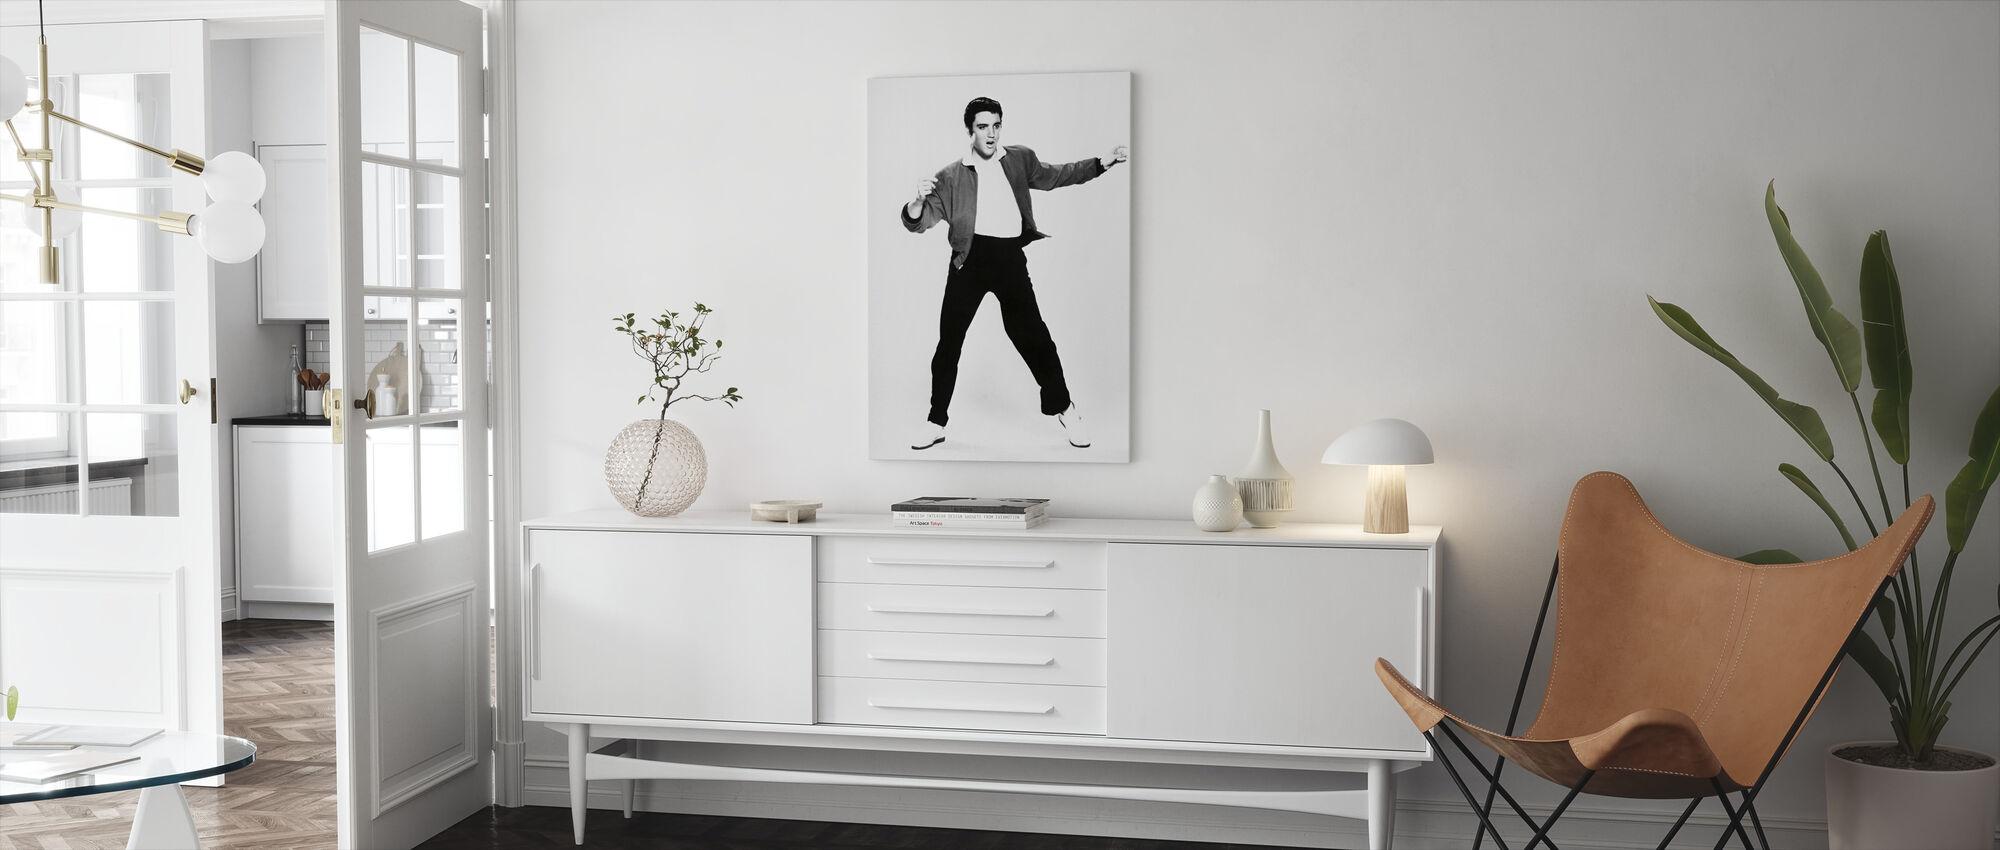 Elvis Presley in Jailhouse Rock - Canvas print - Living Room